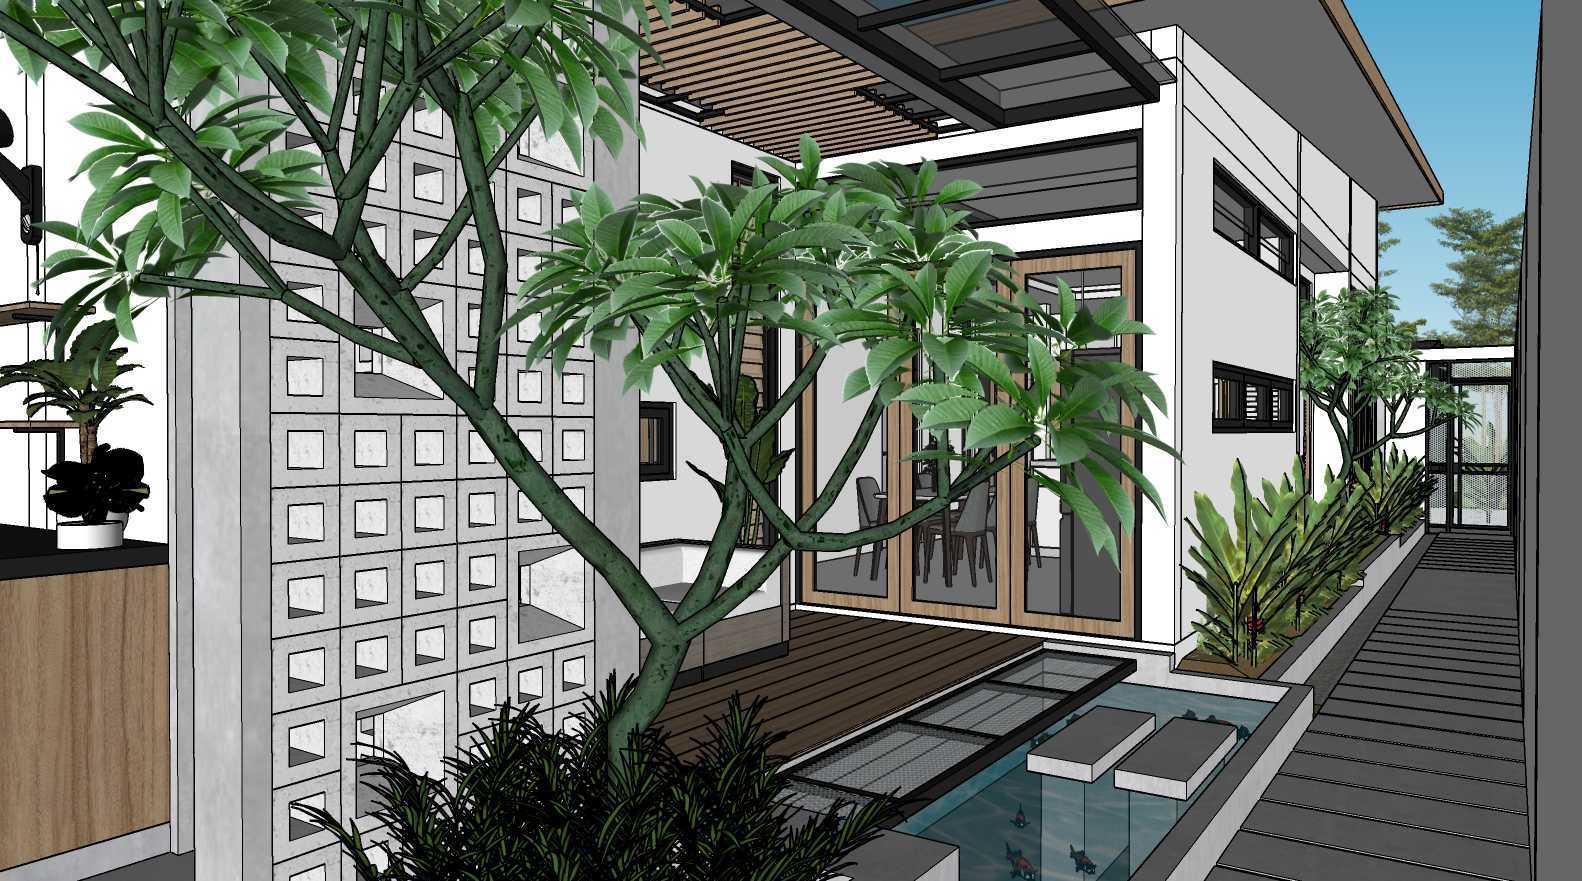 Aesthetic-In Atelier Casa De Elin Kec. Cibeureum, Tasikmalaya, Jawa Barat, Indonesia Kec. Cibeureum, Tasikmalaya, Jawa Barat, Indonesia Aesthetic-In-Atelier-Casa-De-Elin  95209